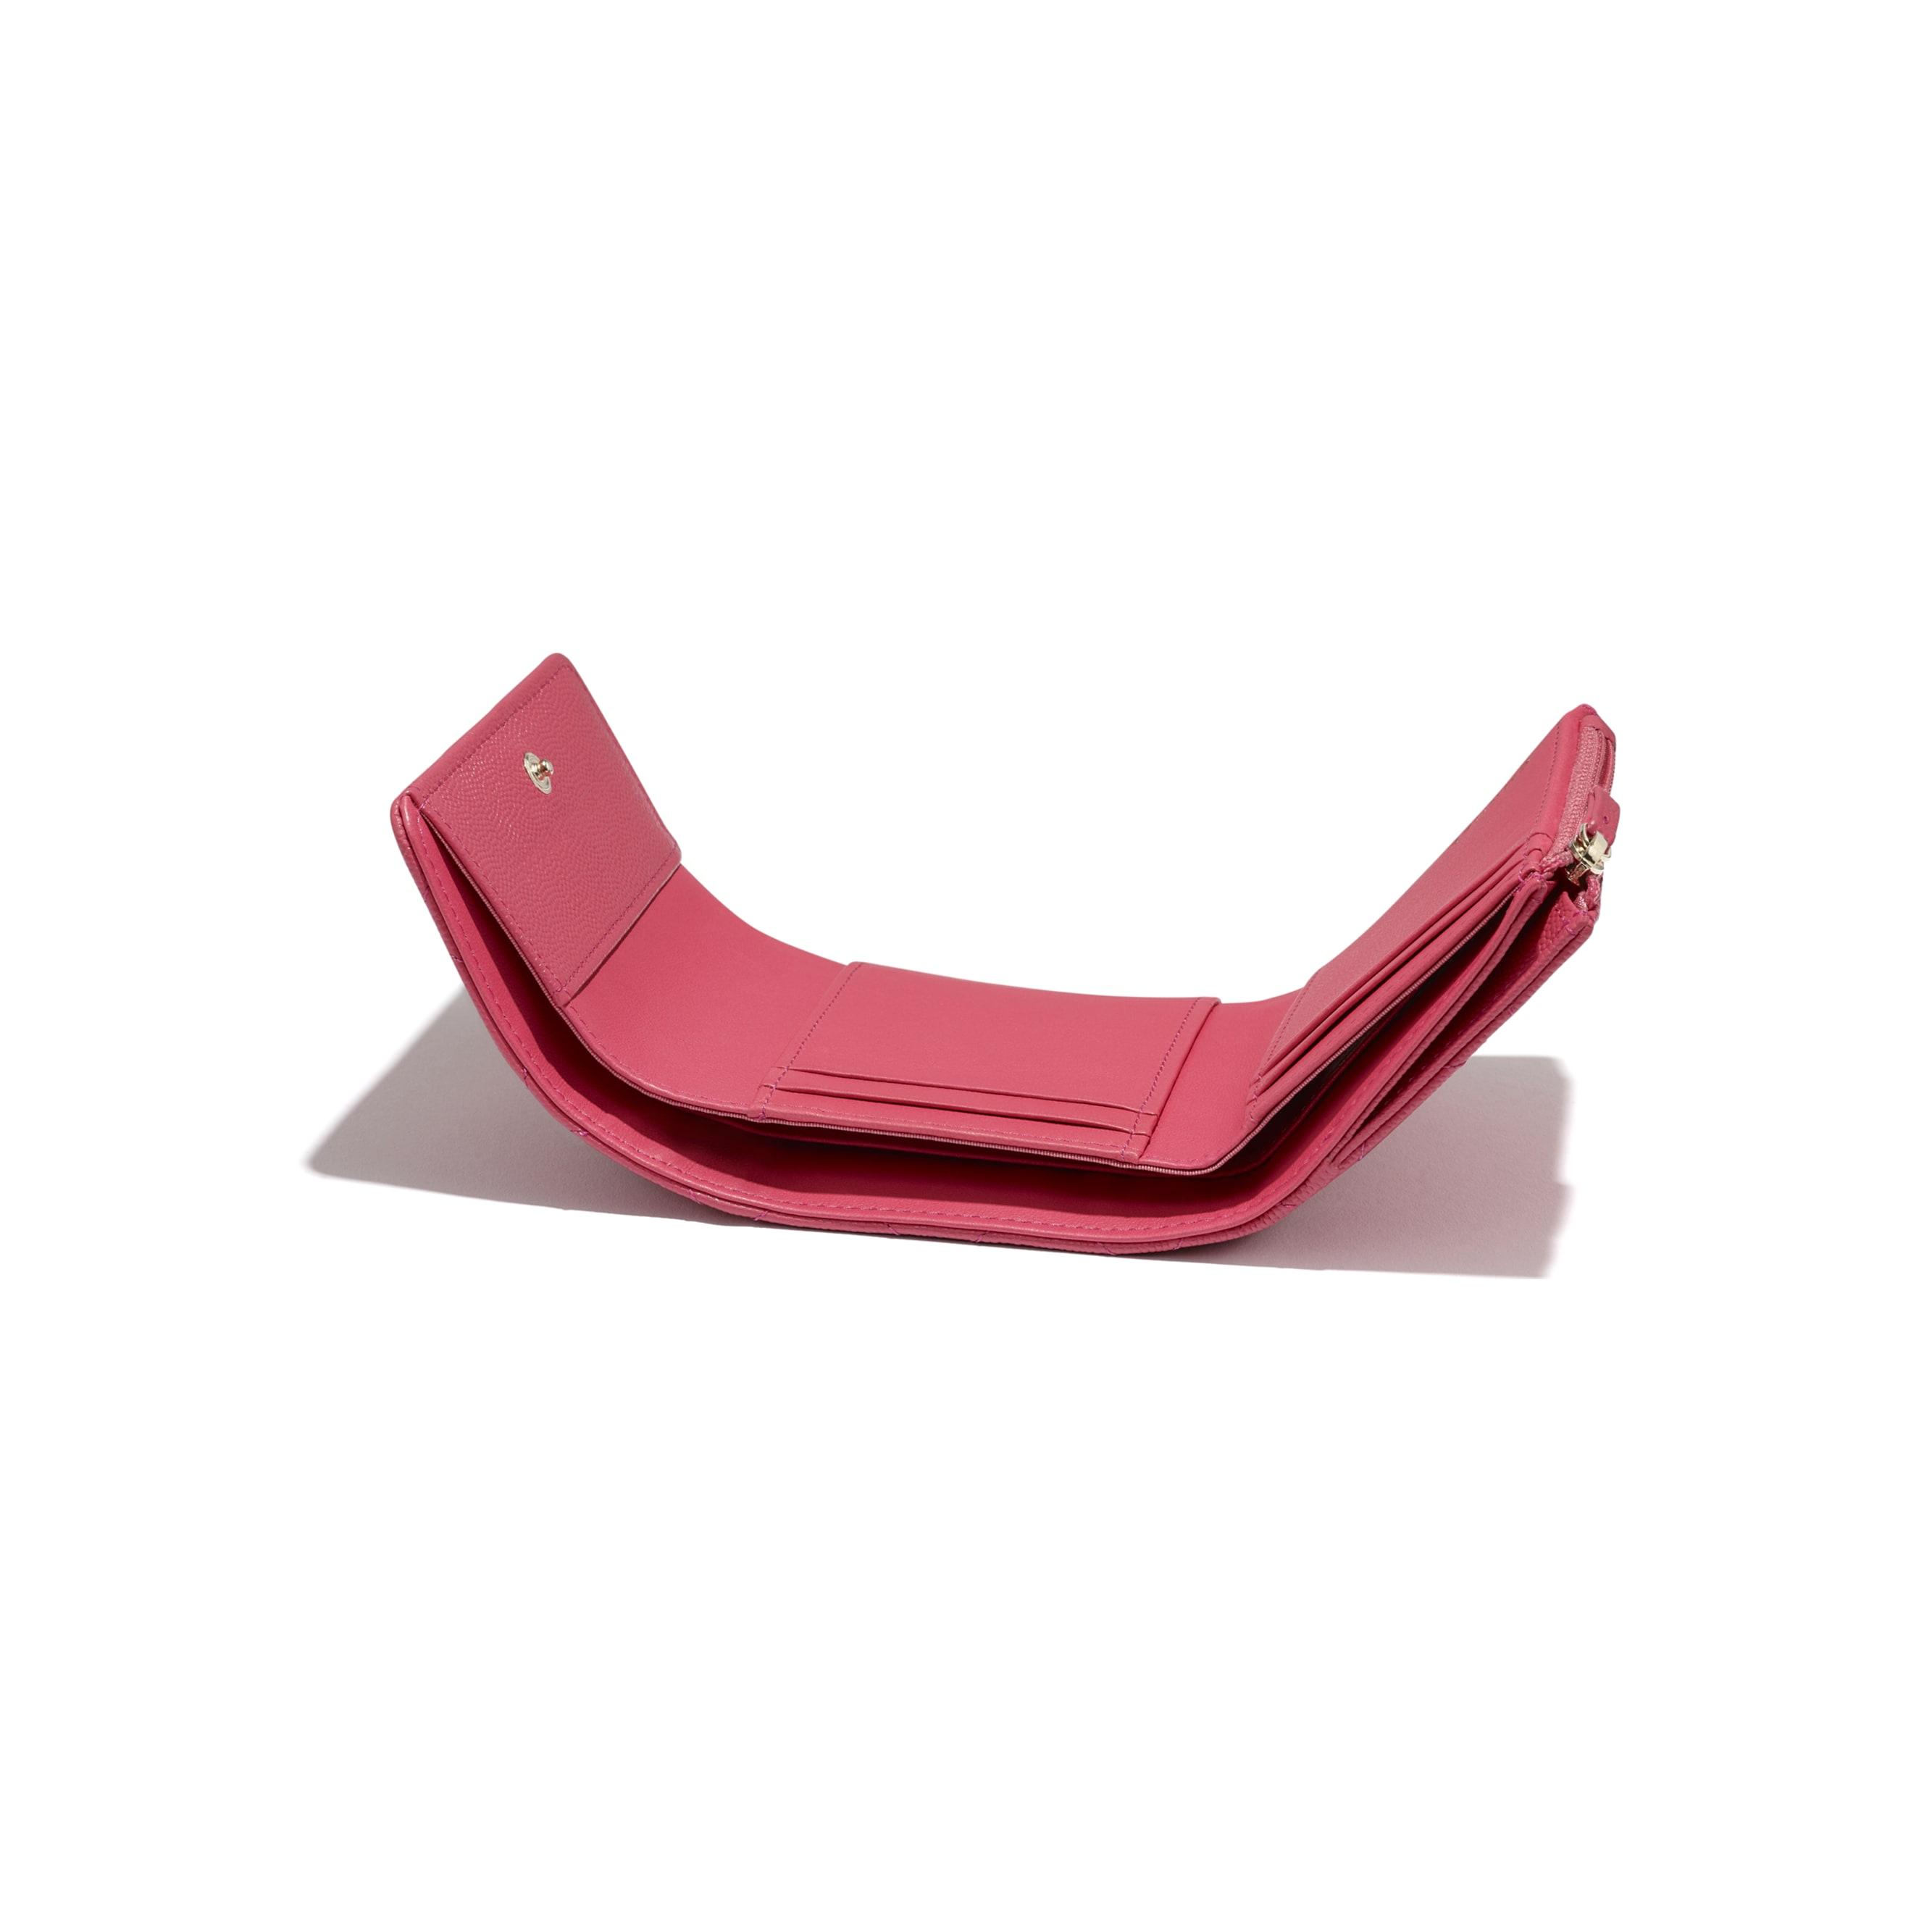 Mały porfel z klapką - Kolor różowy - Skóra cielęca o ziarnistej fakturze i metal w tonacji złotej - CHANEL - Dodatkowy widok – zobacz w standardowym rozmiarze